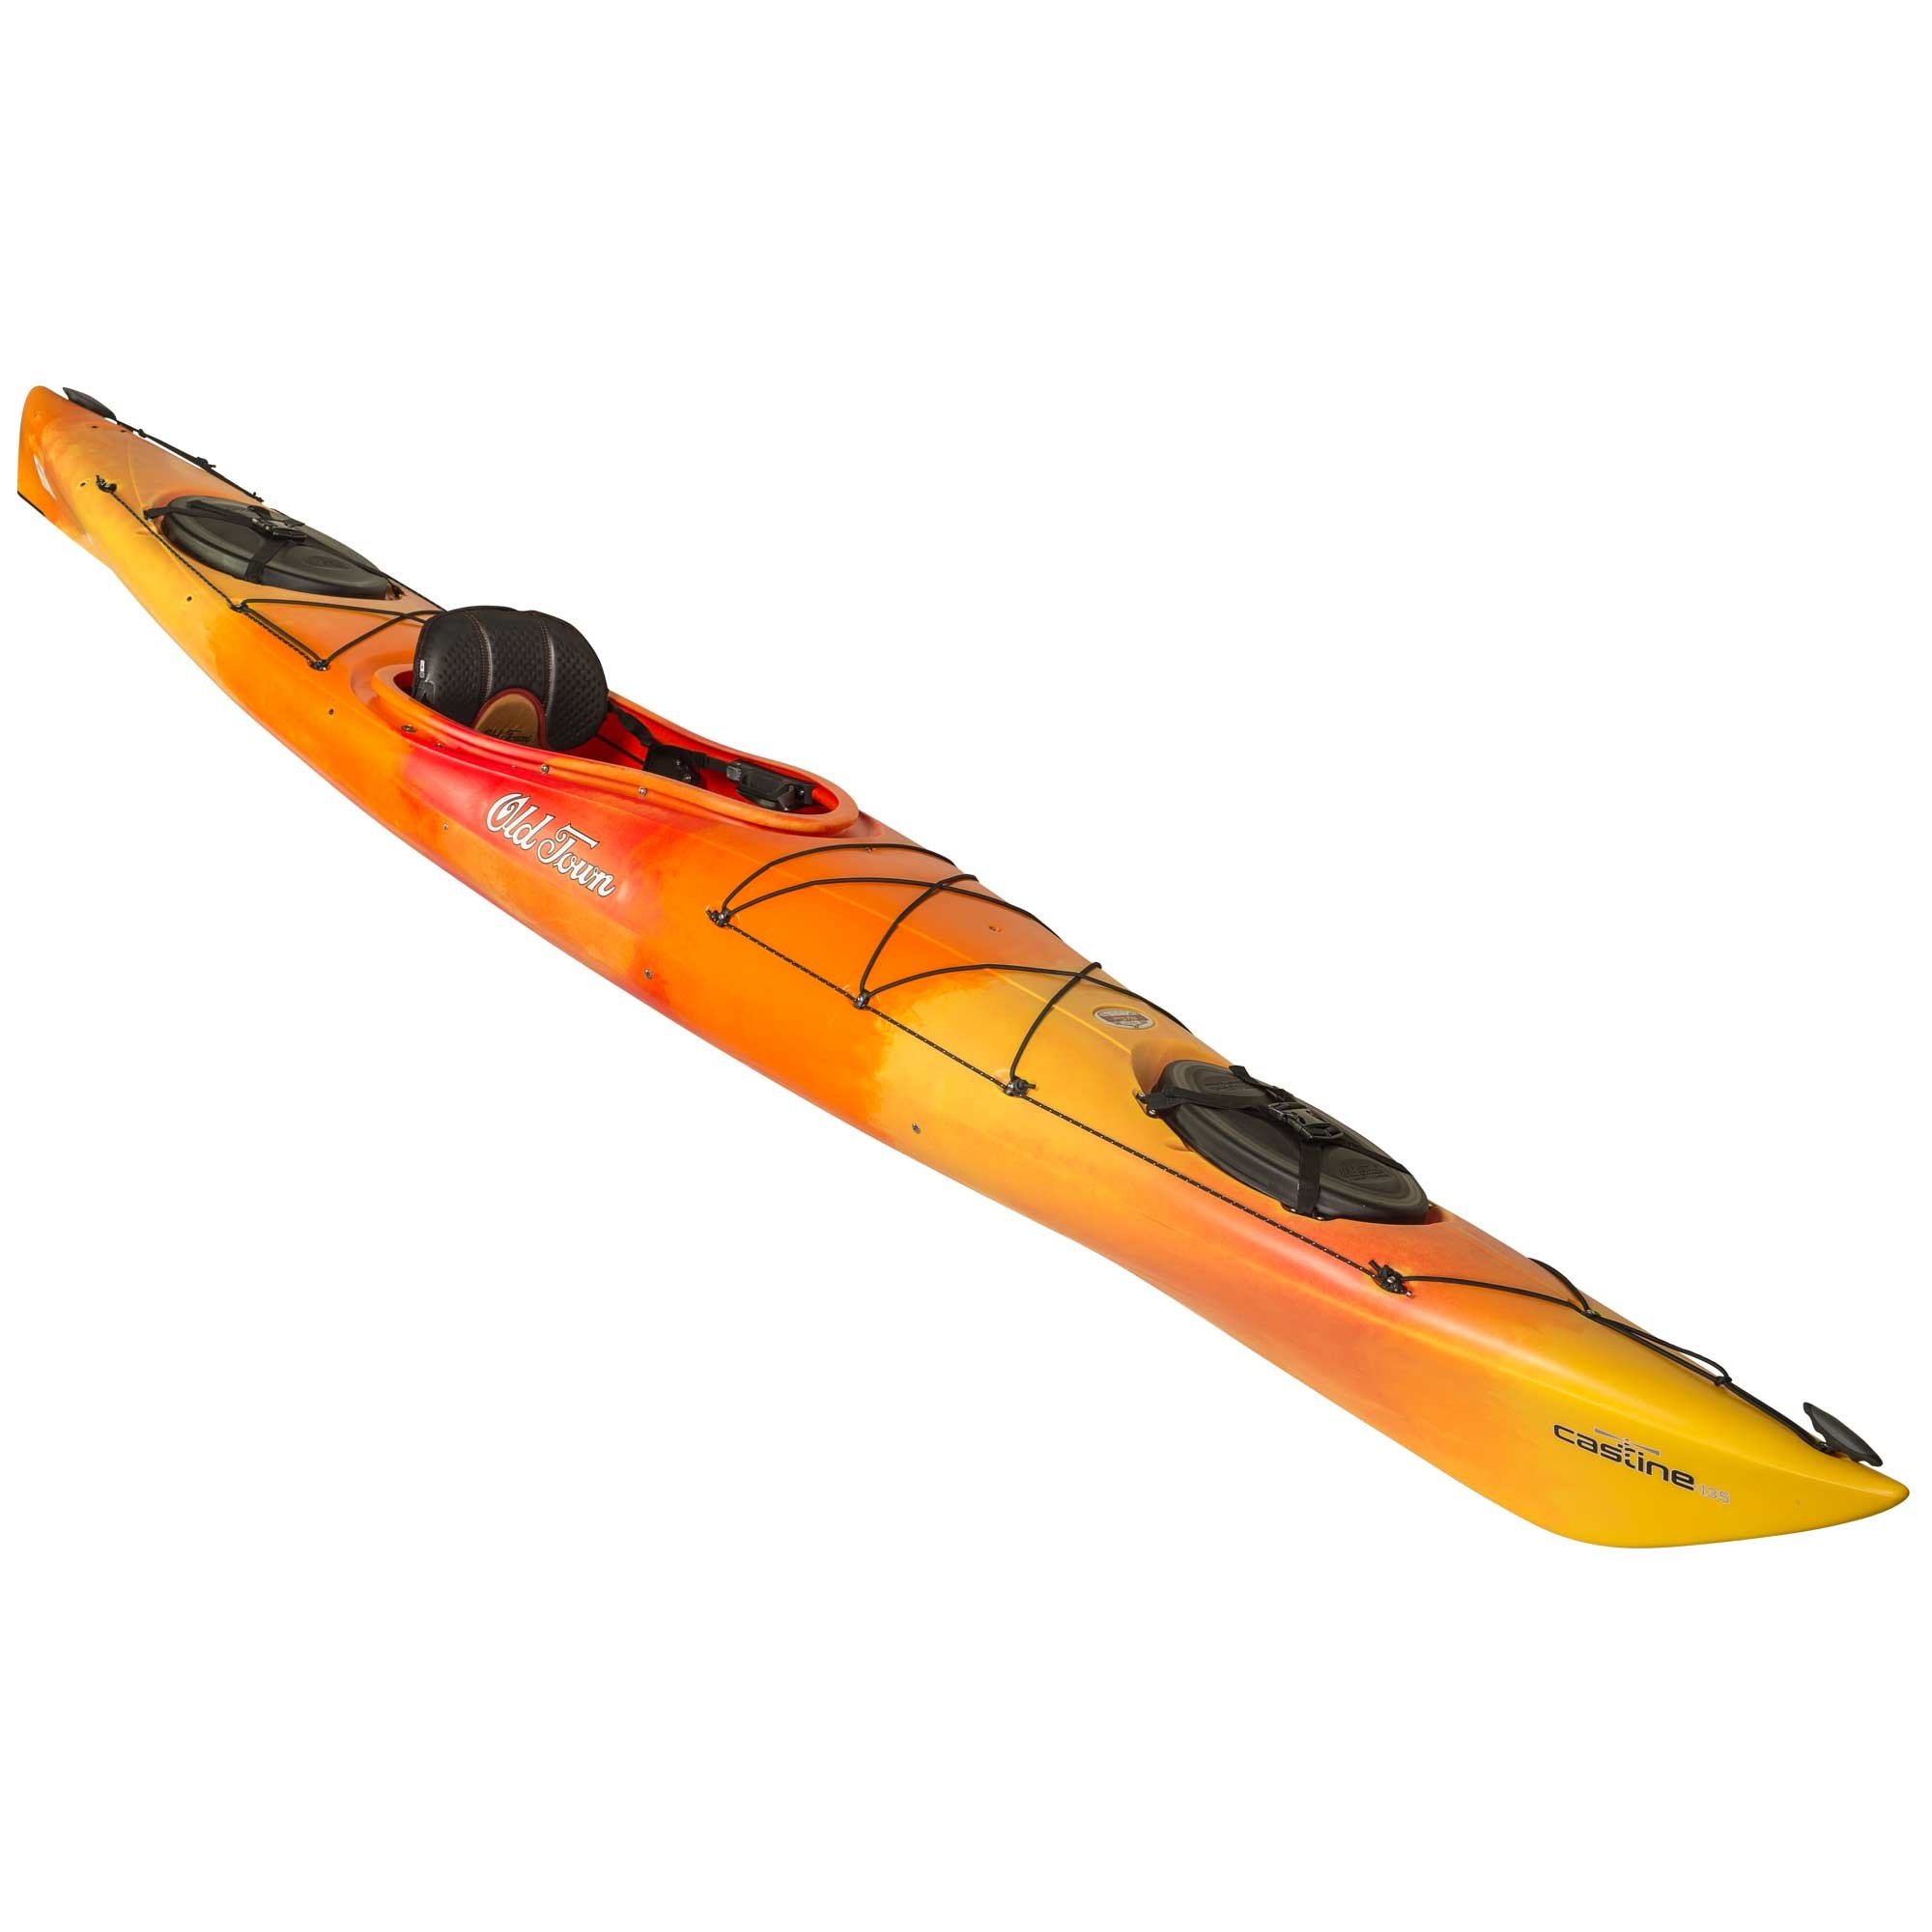 Old Town Kayaks Castine 135 Kayak